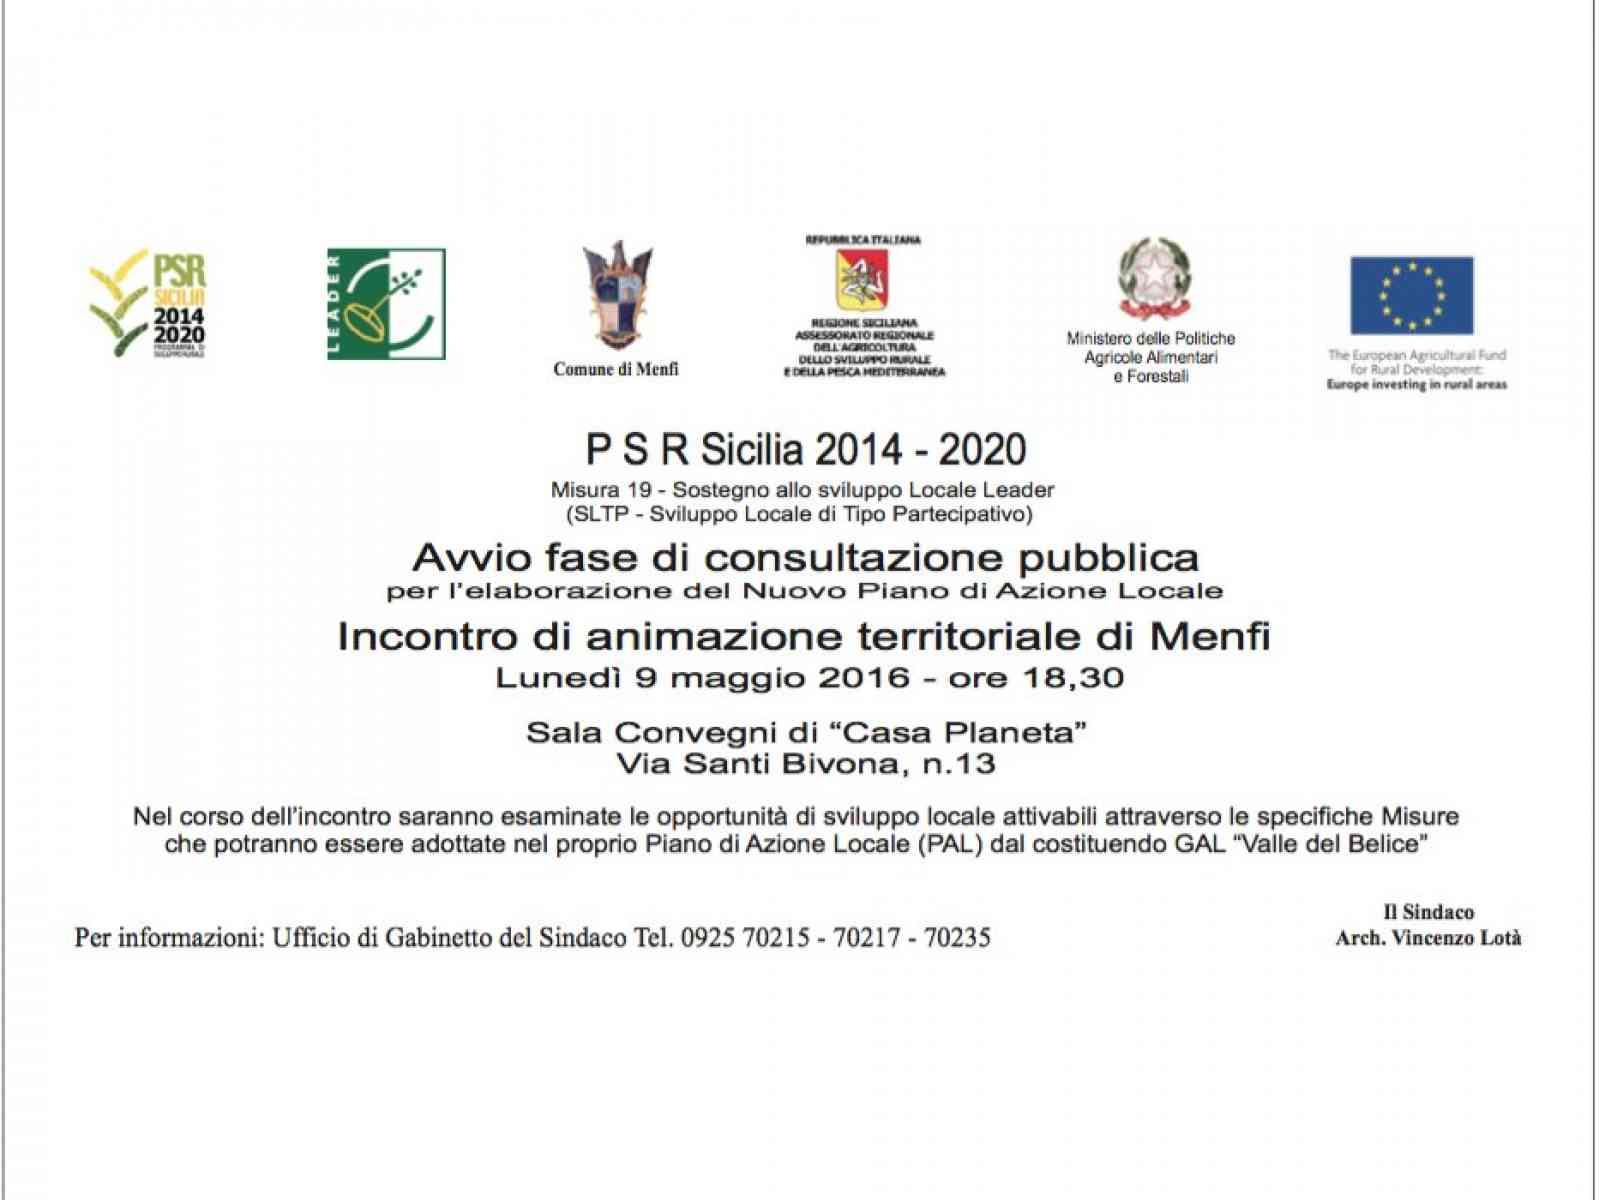 PSR 14/20. Lunedì, a Menfi, un'incontro per l'elaborazione del nuovo Piano Azione Locale